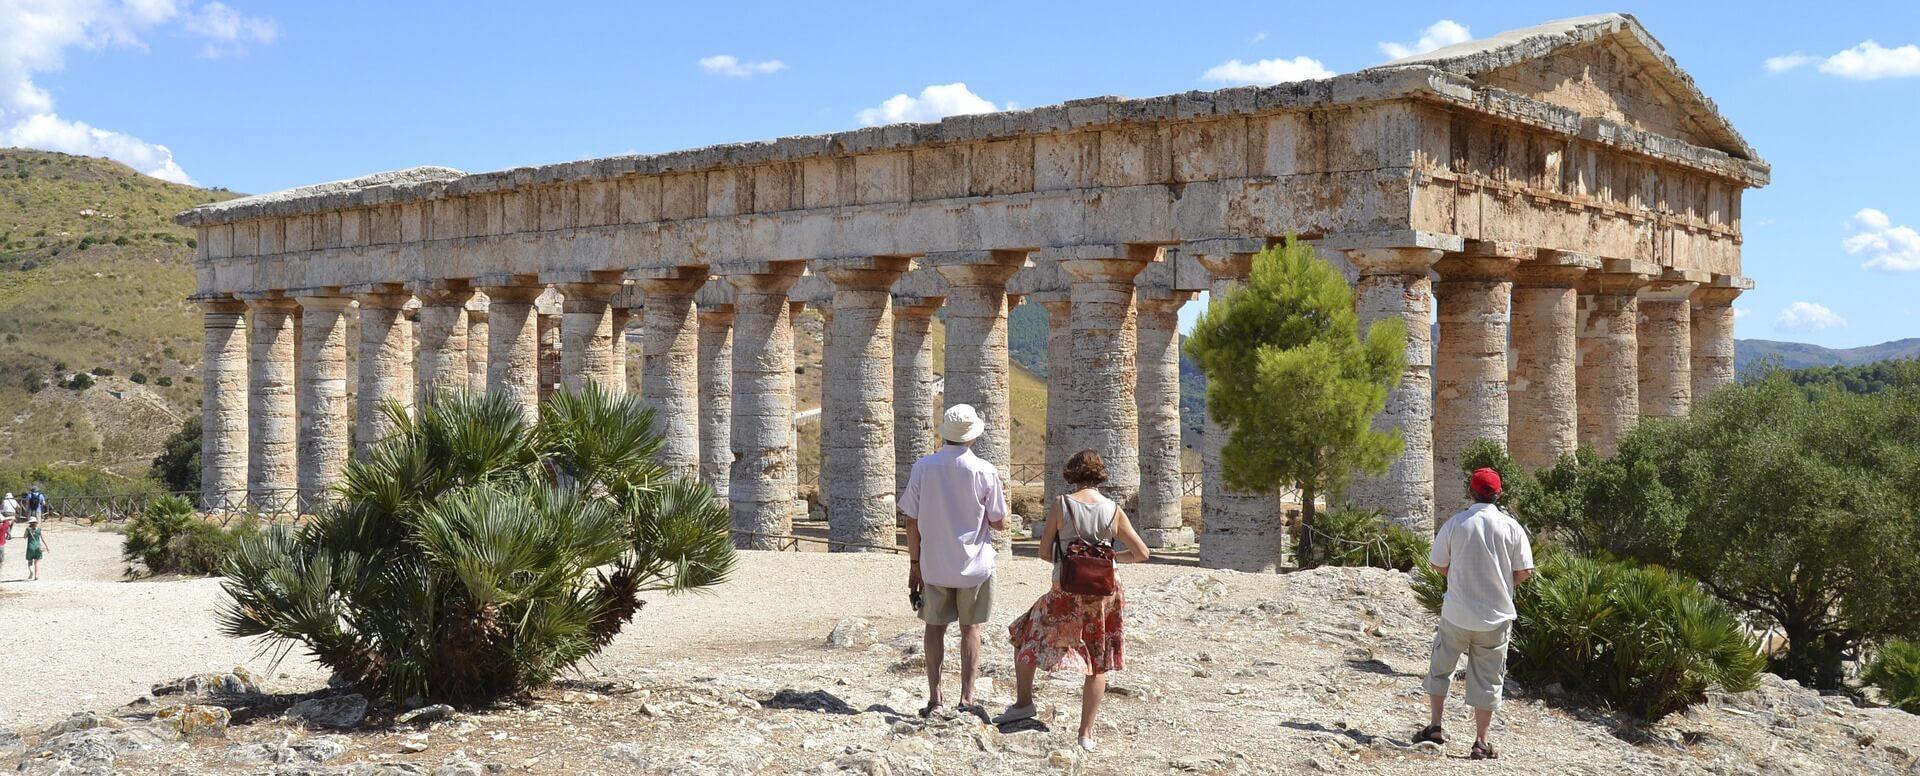 Escapade historique en Sicile - Sicile